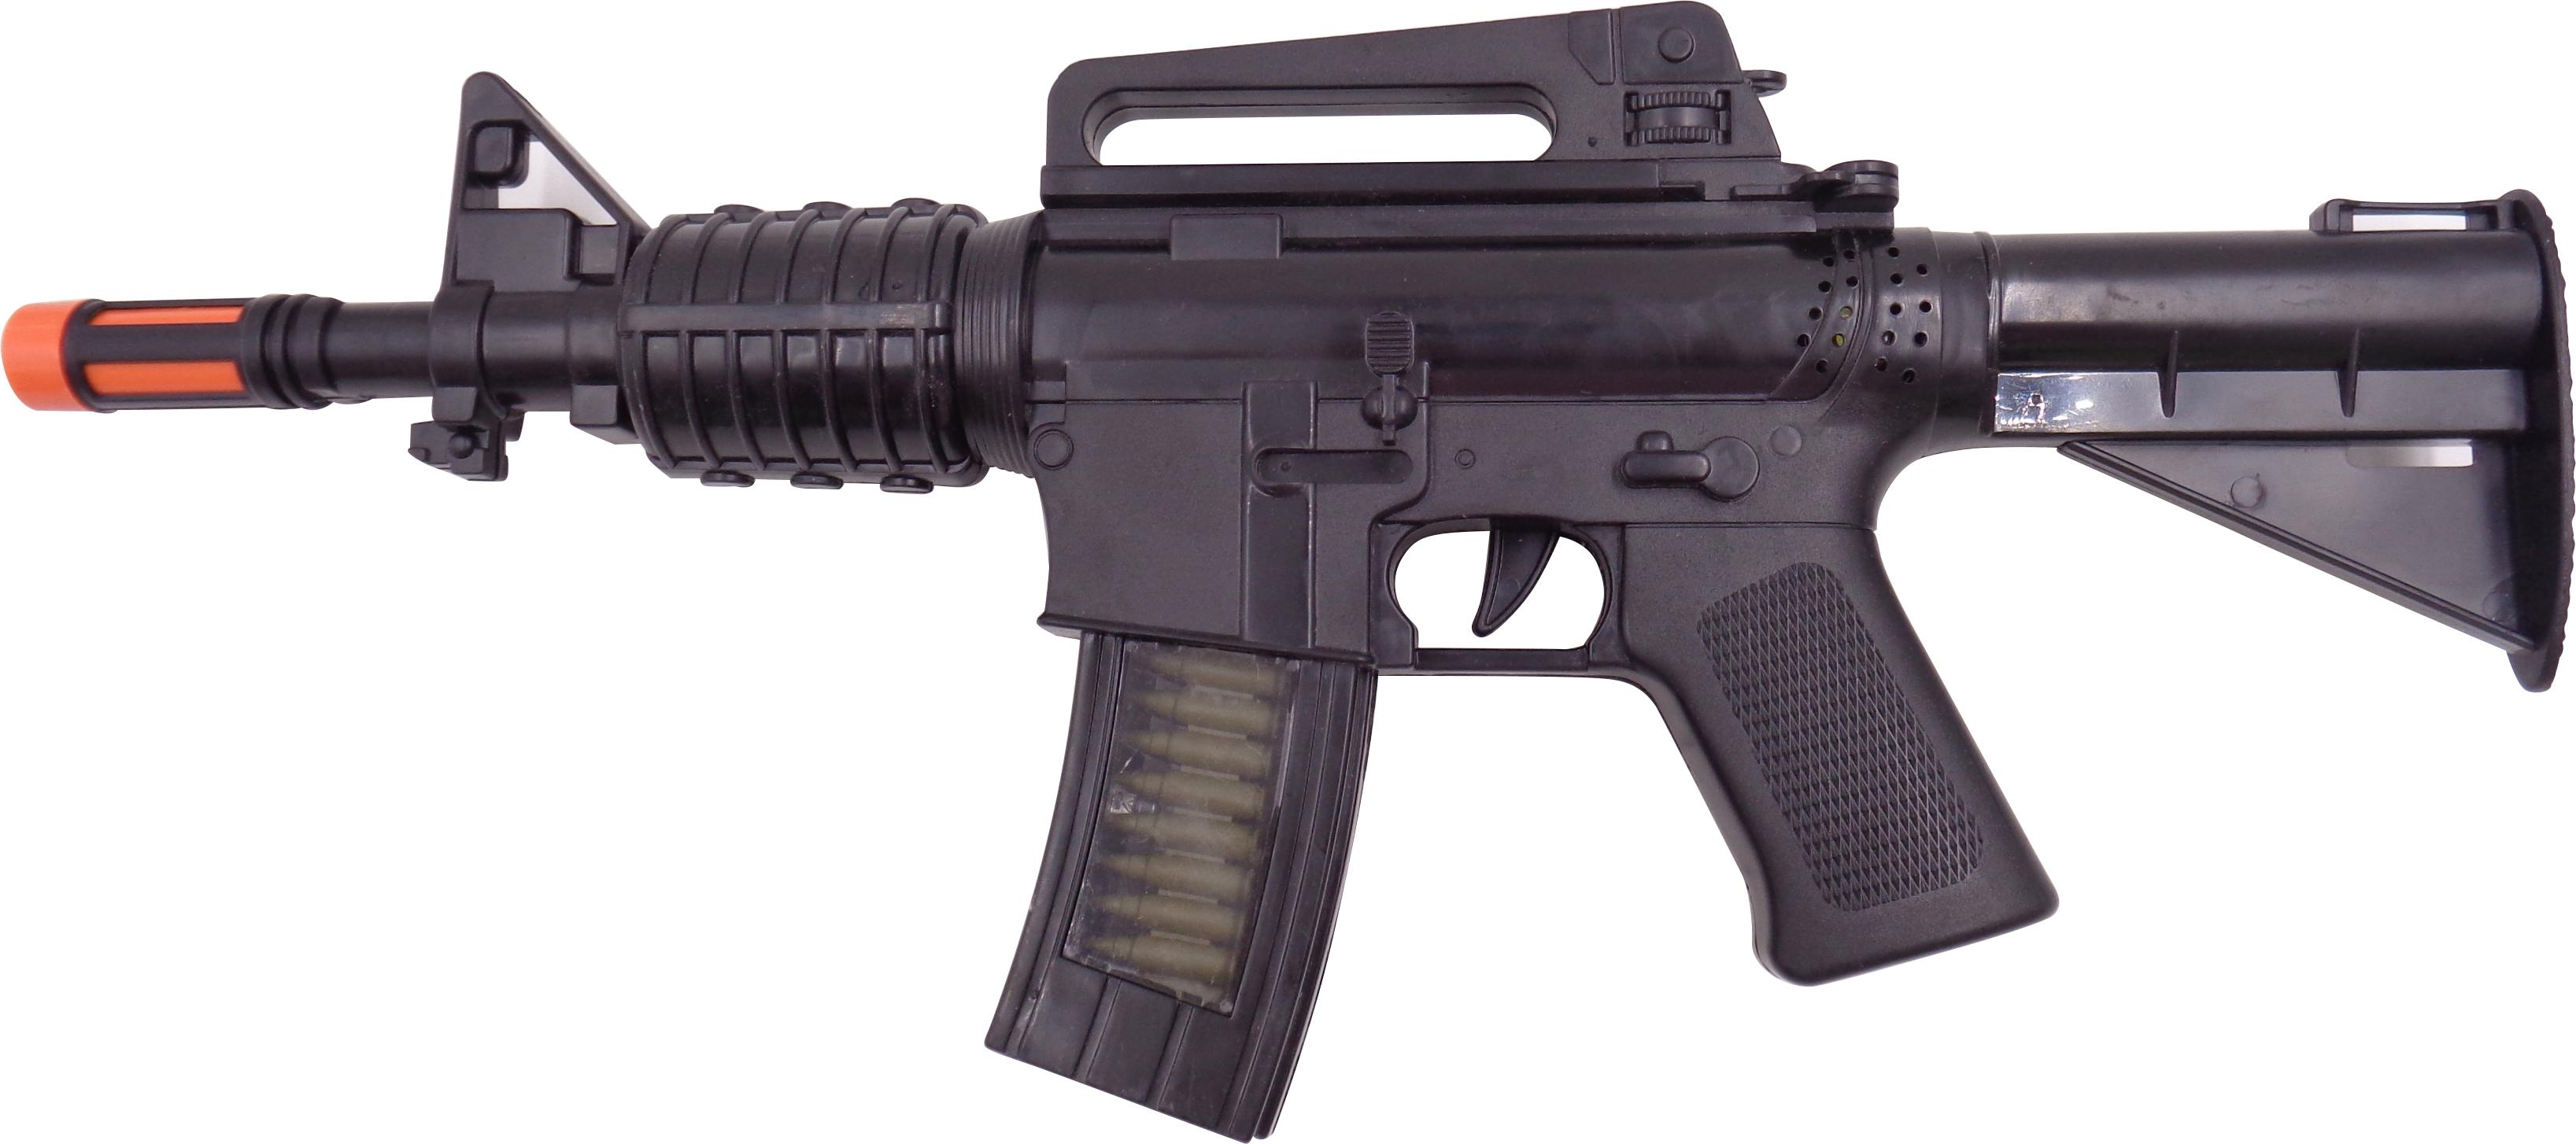 Купить Пистолеты и ружья, М16 со звуком, ABtoys, Китай, Мужской